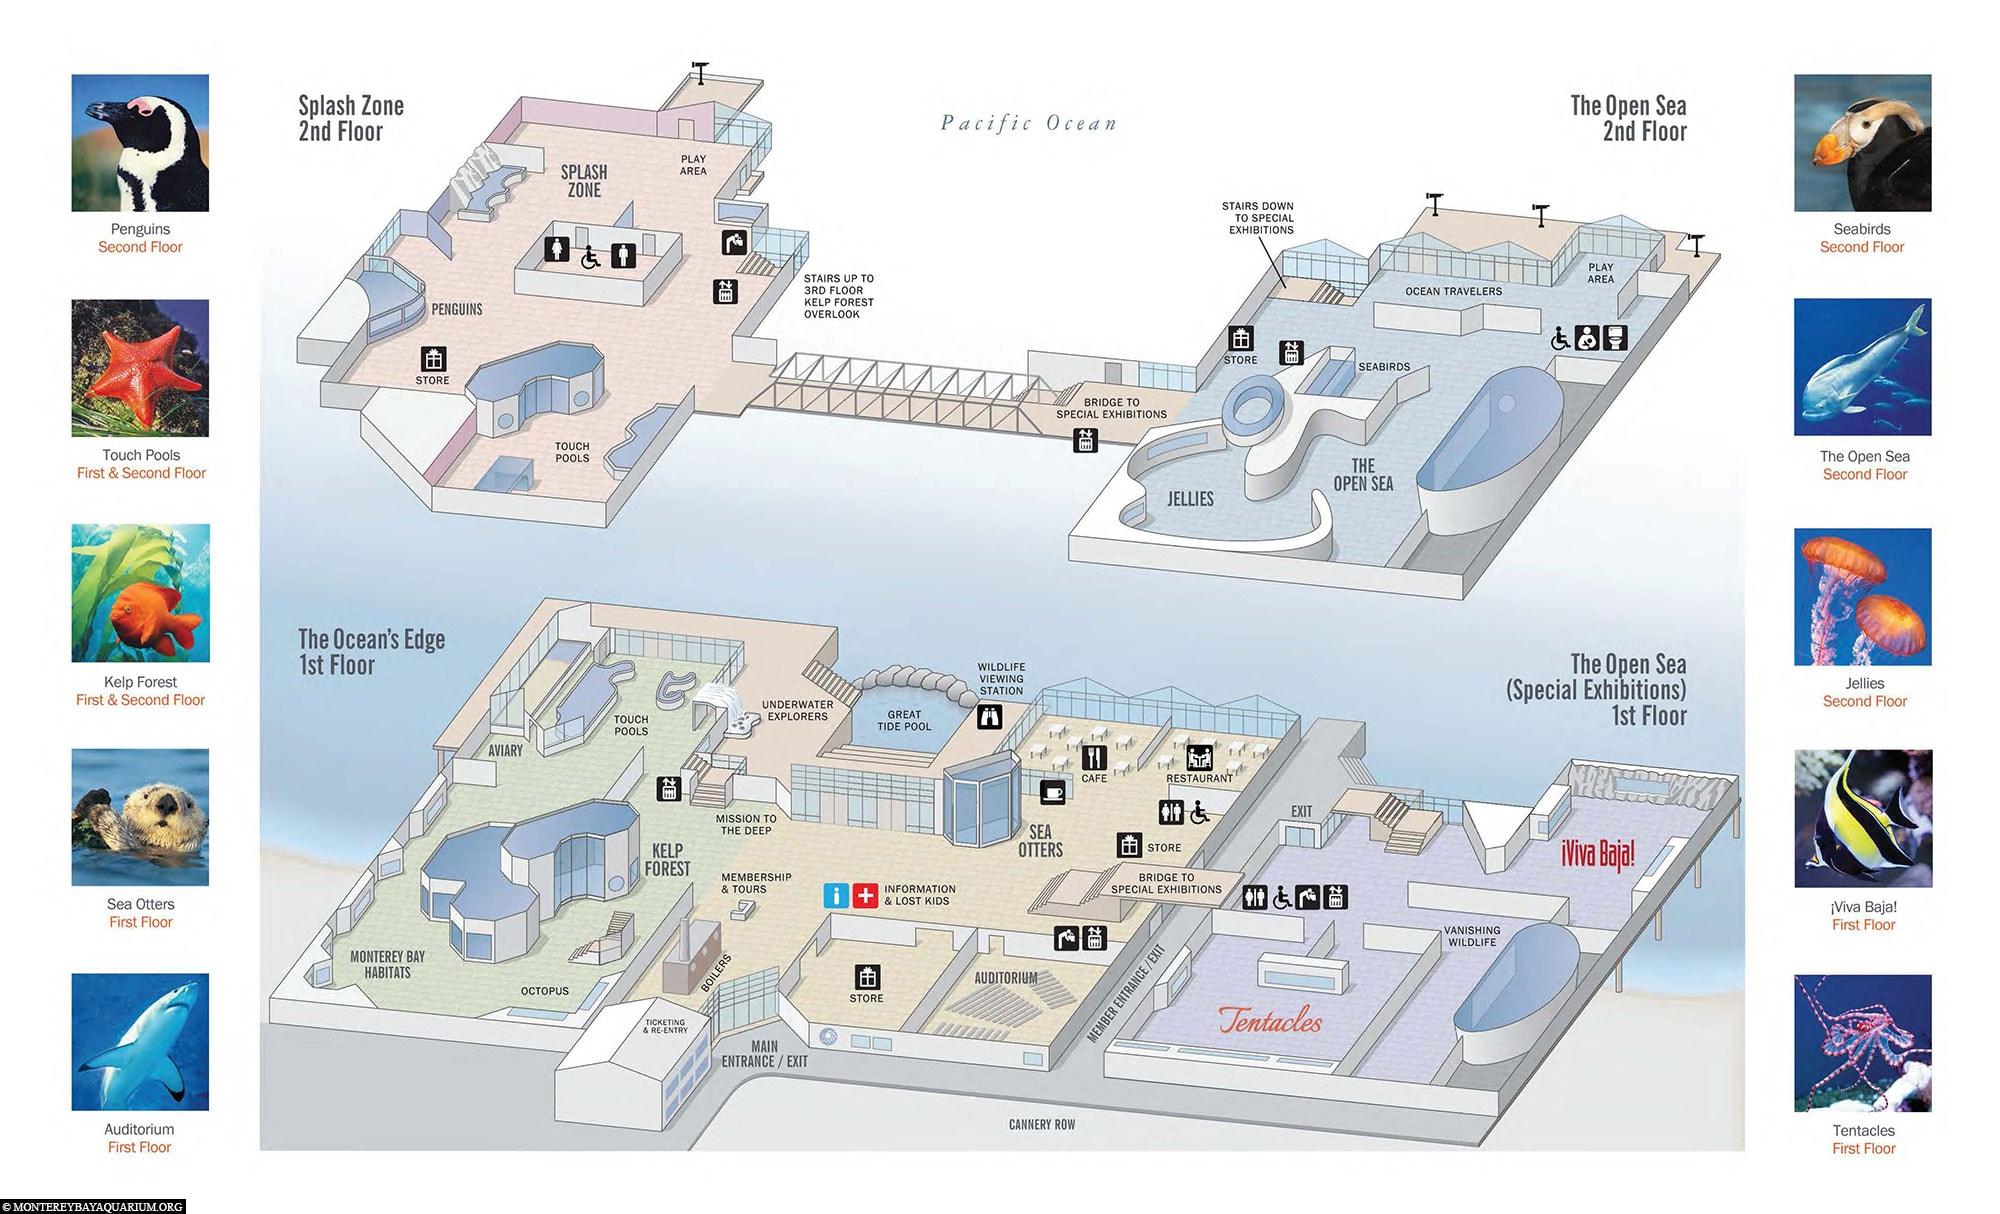 Monterey Bay Aquarium, Karte, Übersichtsplan, Kalifornien, USA